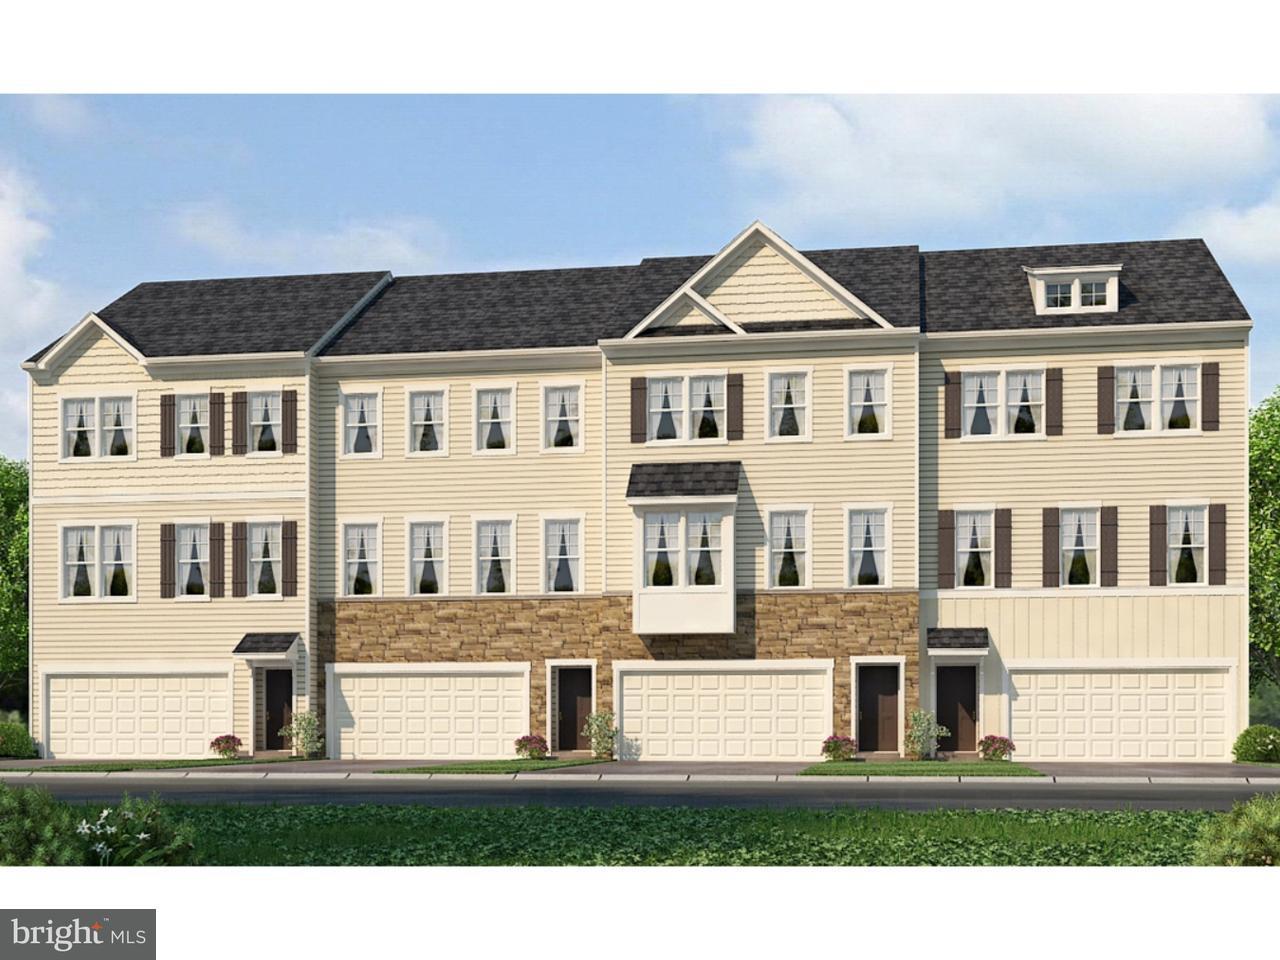 Radhus för Försäljning vid 14 SULLIVAN WAY Marlton, New Jersey 08053 Usa